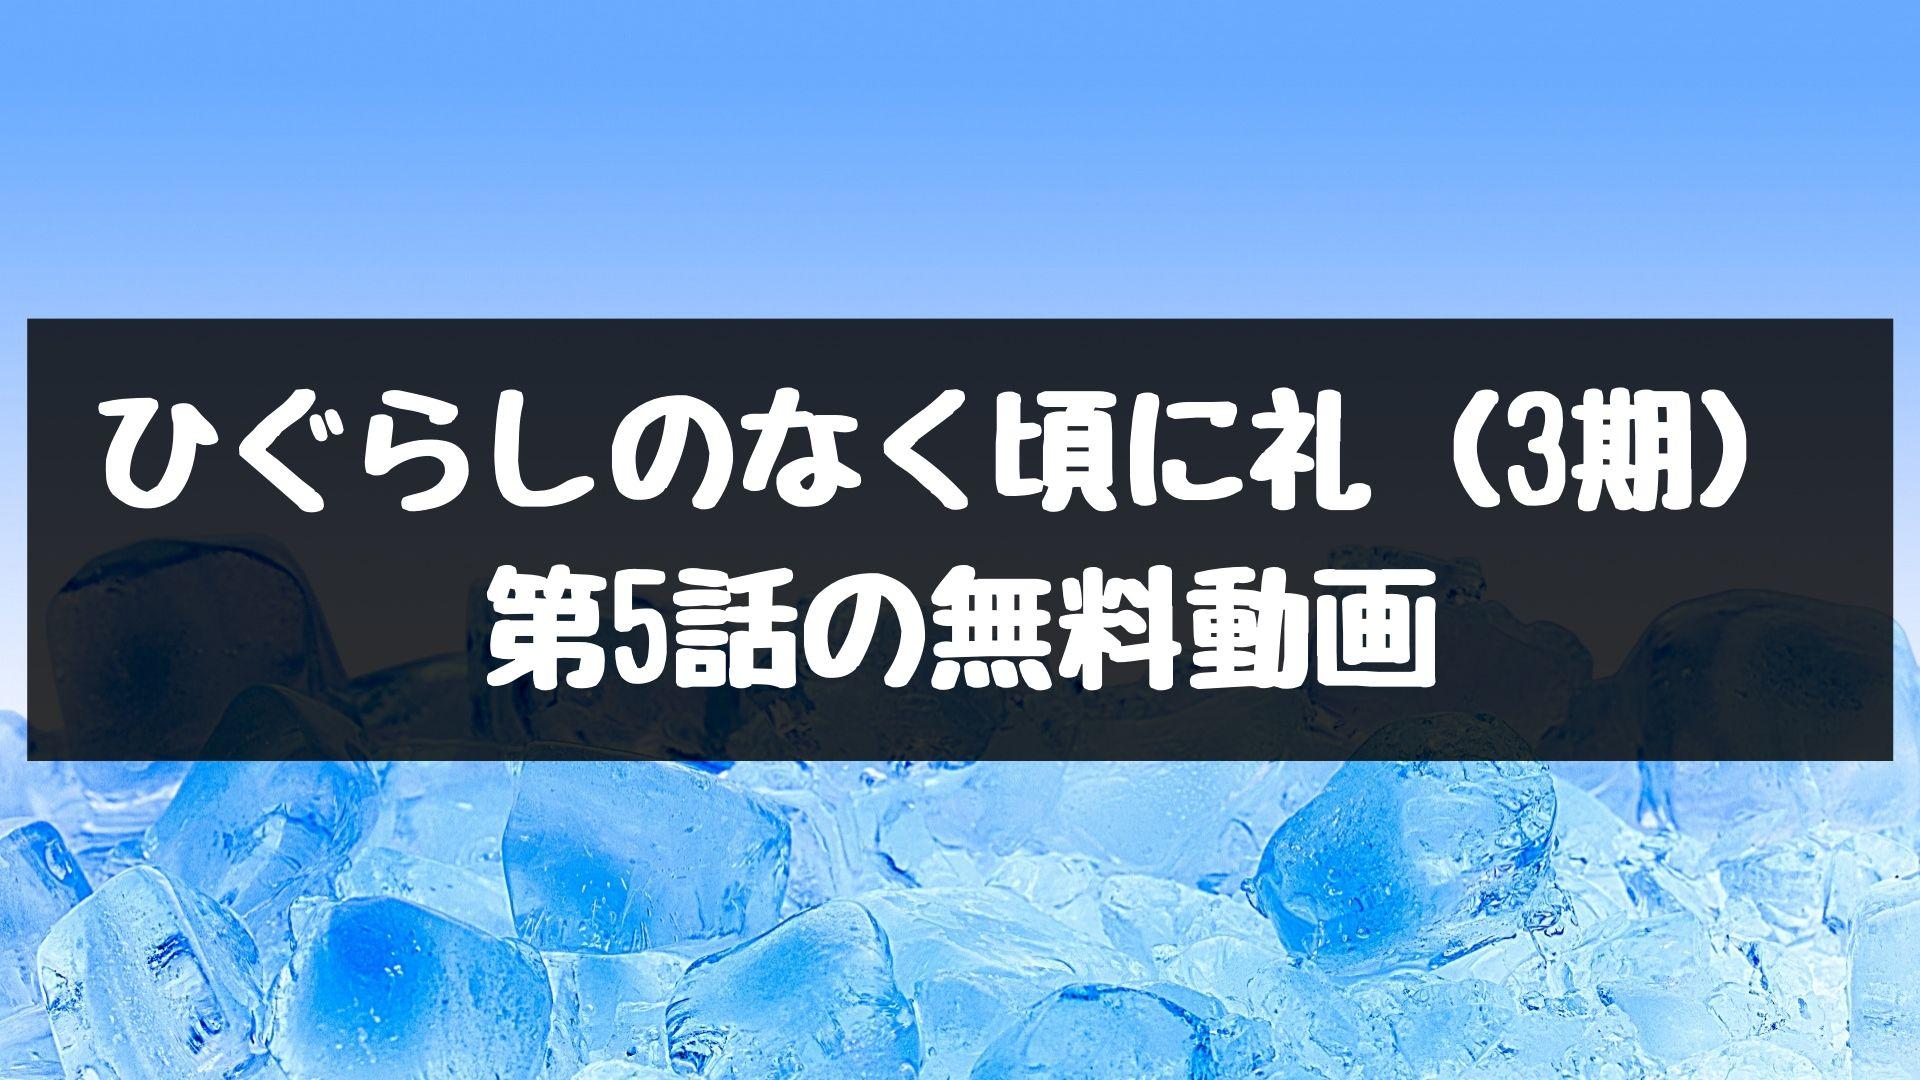 ひぐらしのなく頃に礼(3期) 第5話の無料動画